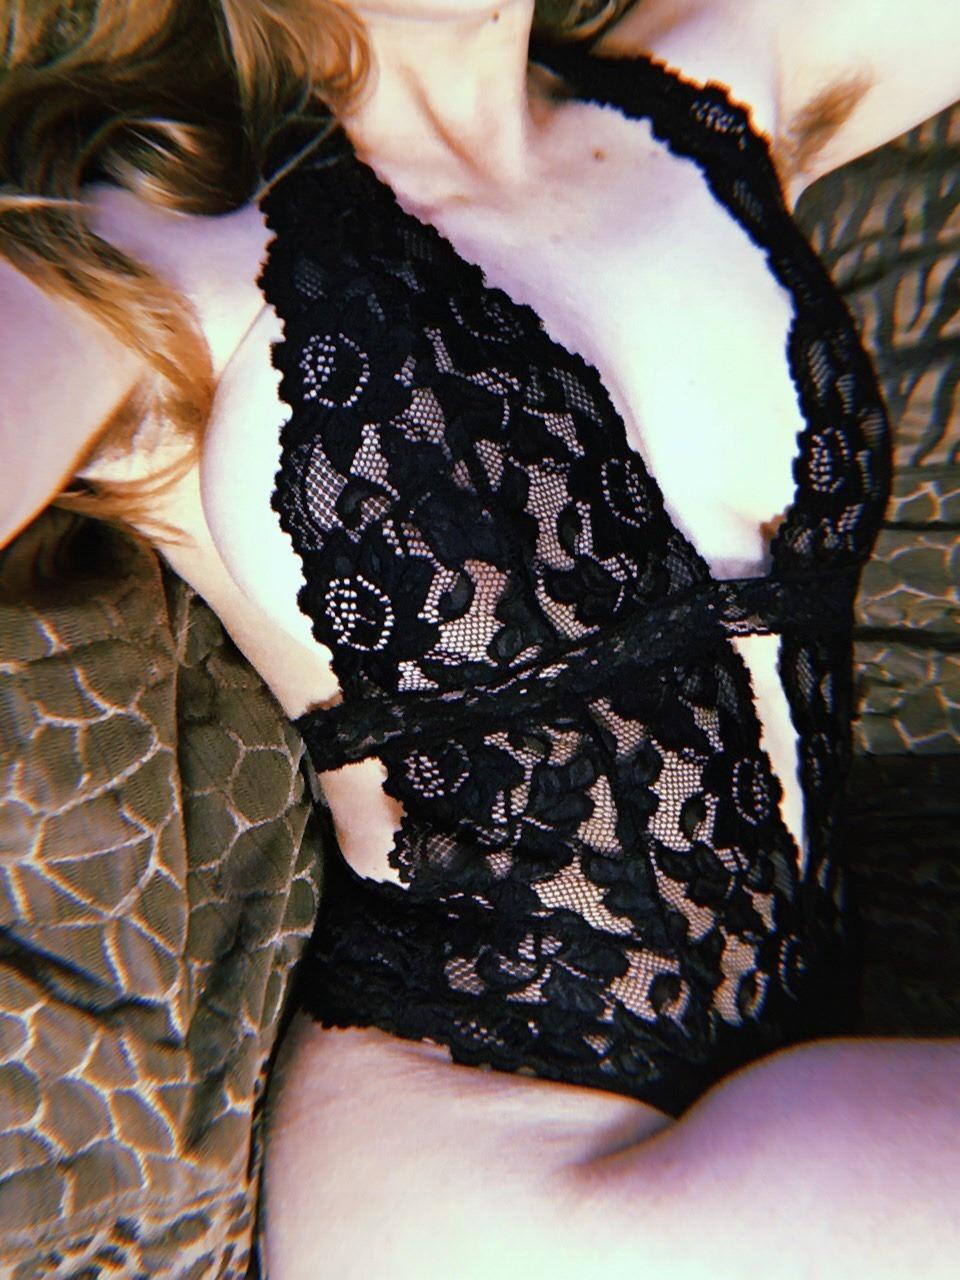 fotos xxx caseras, fotos de porno casero